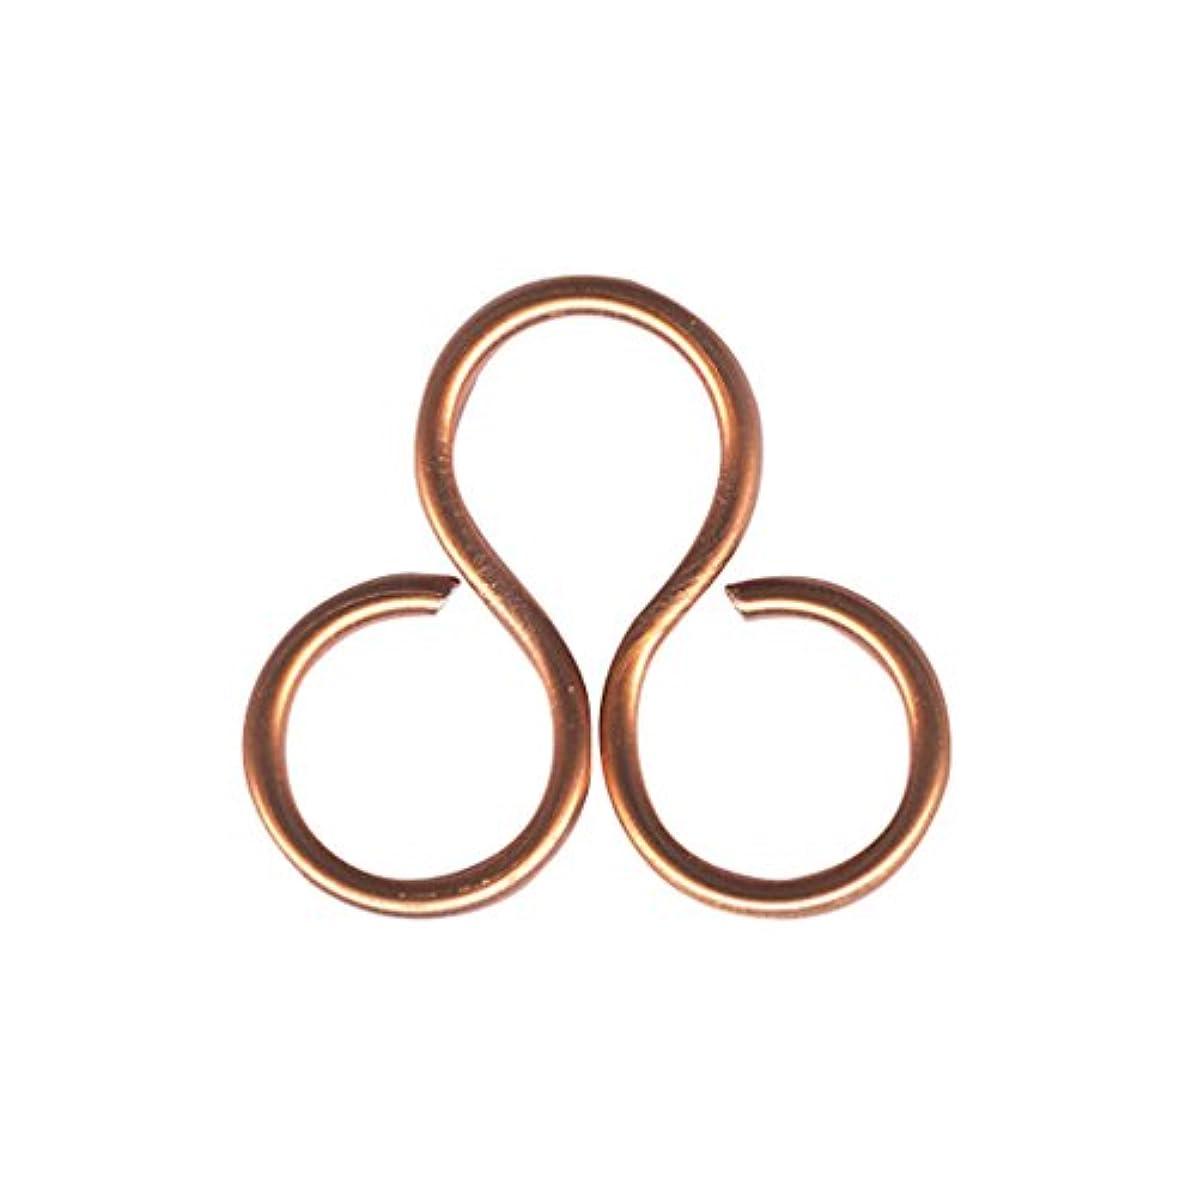 Vaessen Creative Aluminium Wire 4mm 2m Orange Copper,